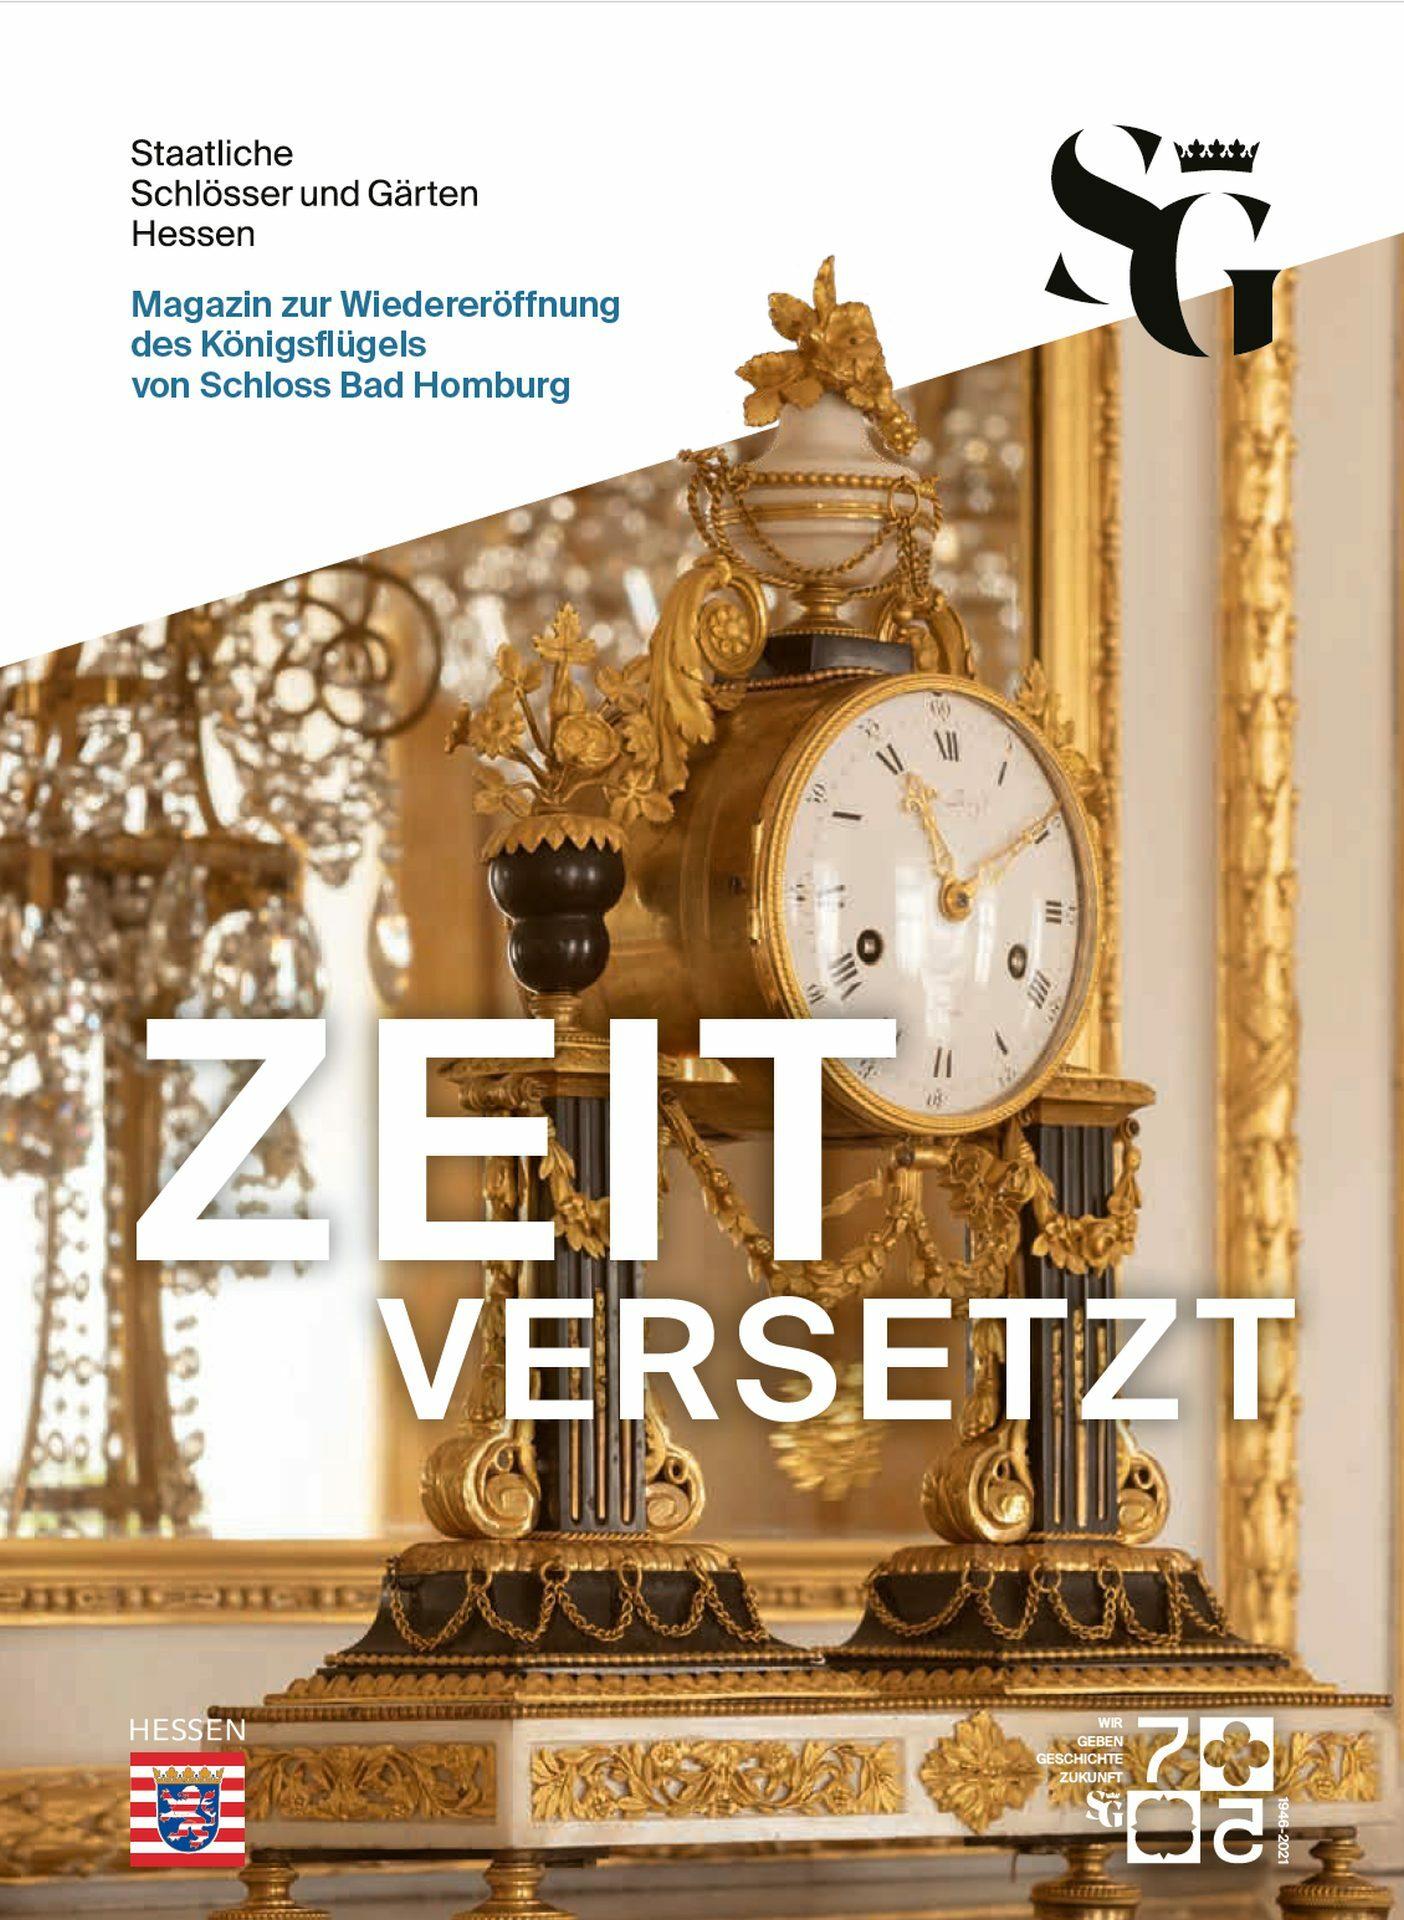 Zeitversetzt - Magazin zur Wiedereröffnung des Königsflügels von Schloss Bad Homburg